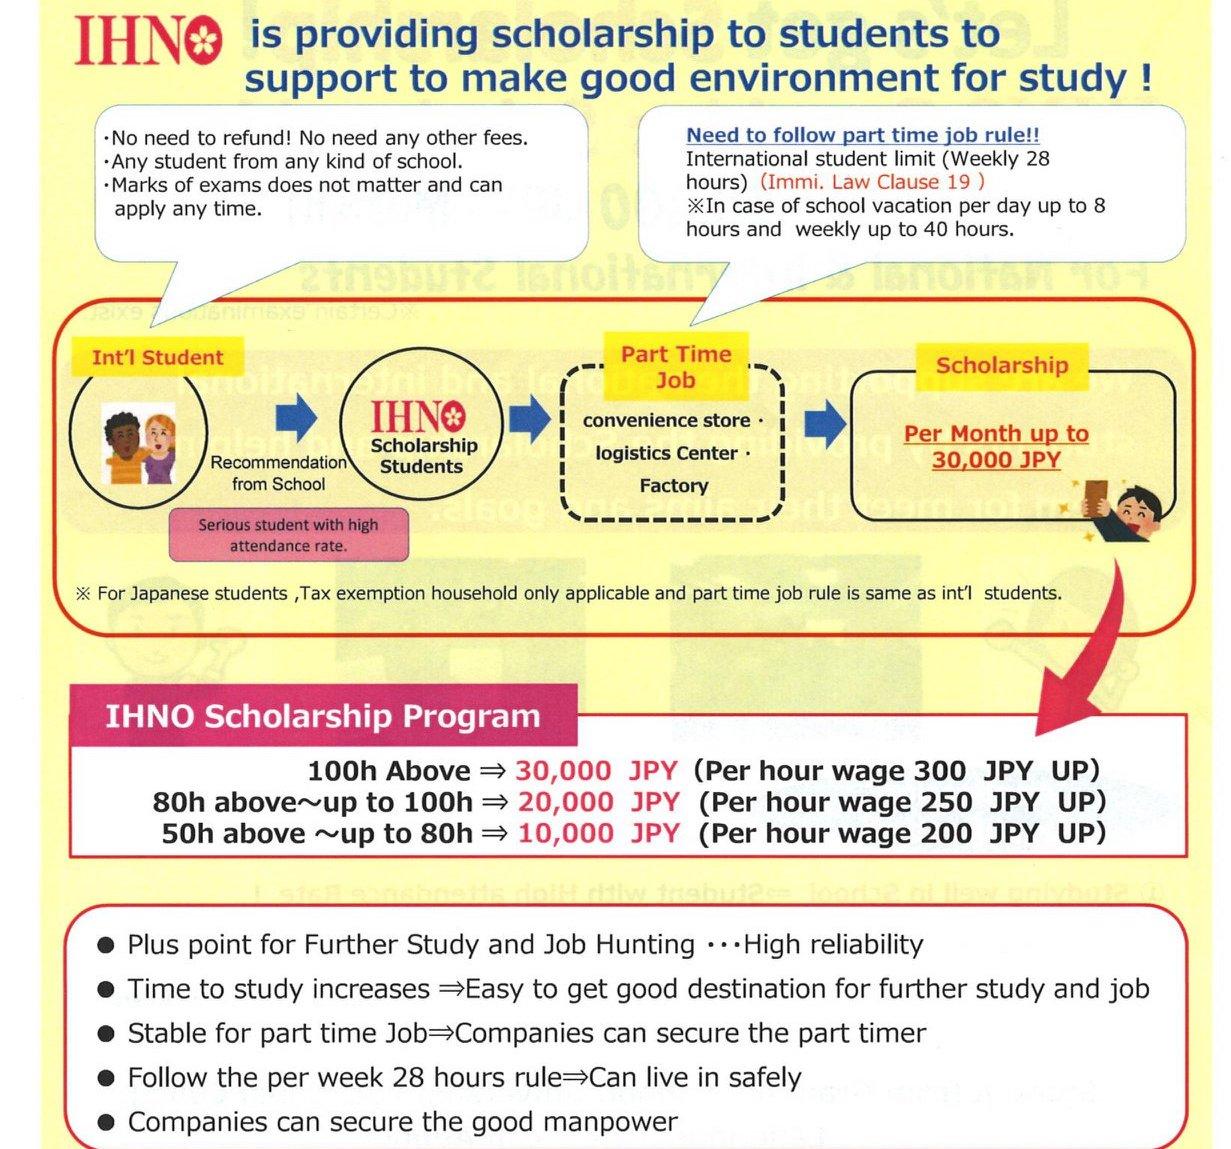 एनआरएनएको पहलमा जापानमा IHNO ले ५० जना नेपाली विद्यार्थीलाई छात्रबृत्ति दिने, यसरी दिनुहोस् आवेदन